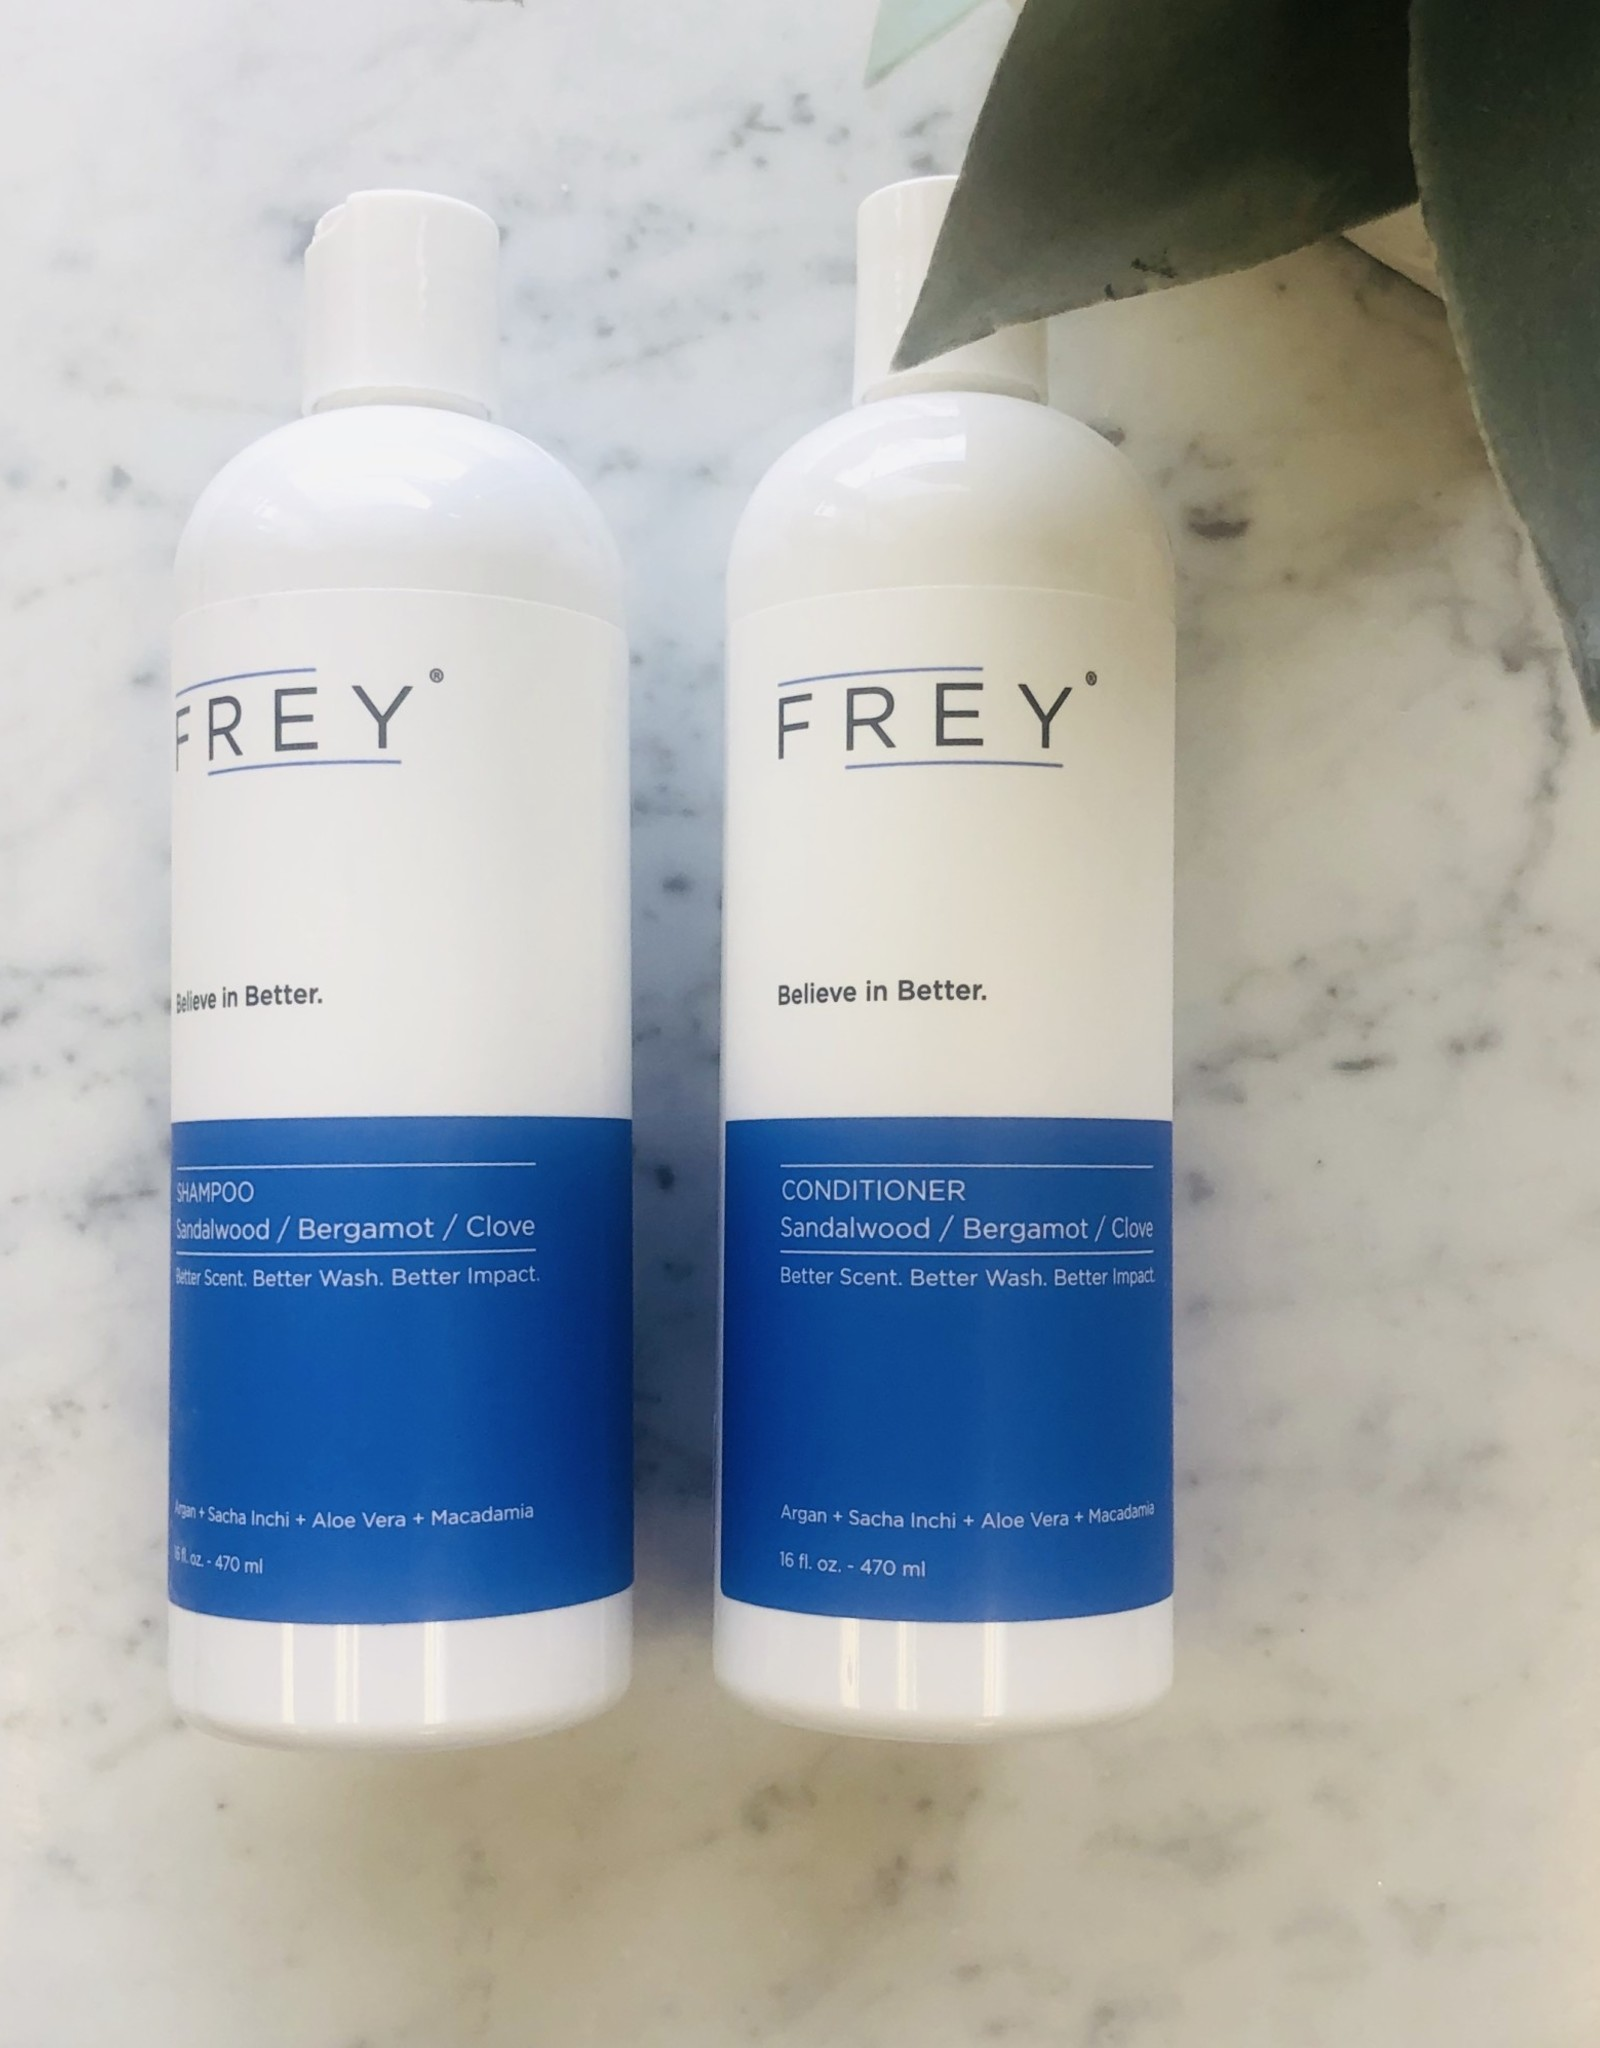 Frey 16oz Shampoo - Sandalwood/Bergamont/Clove